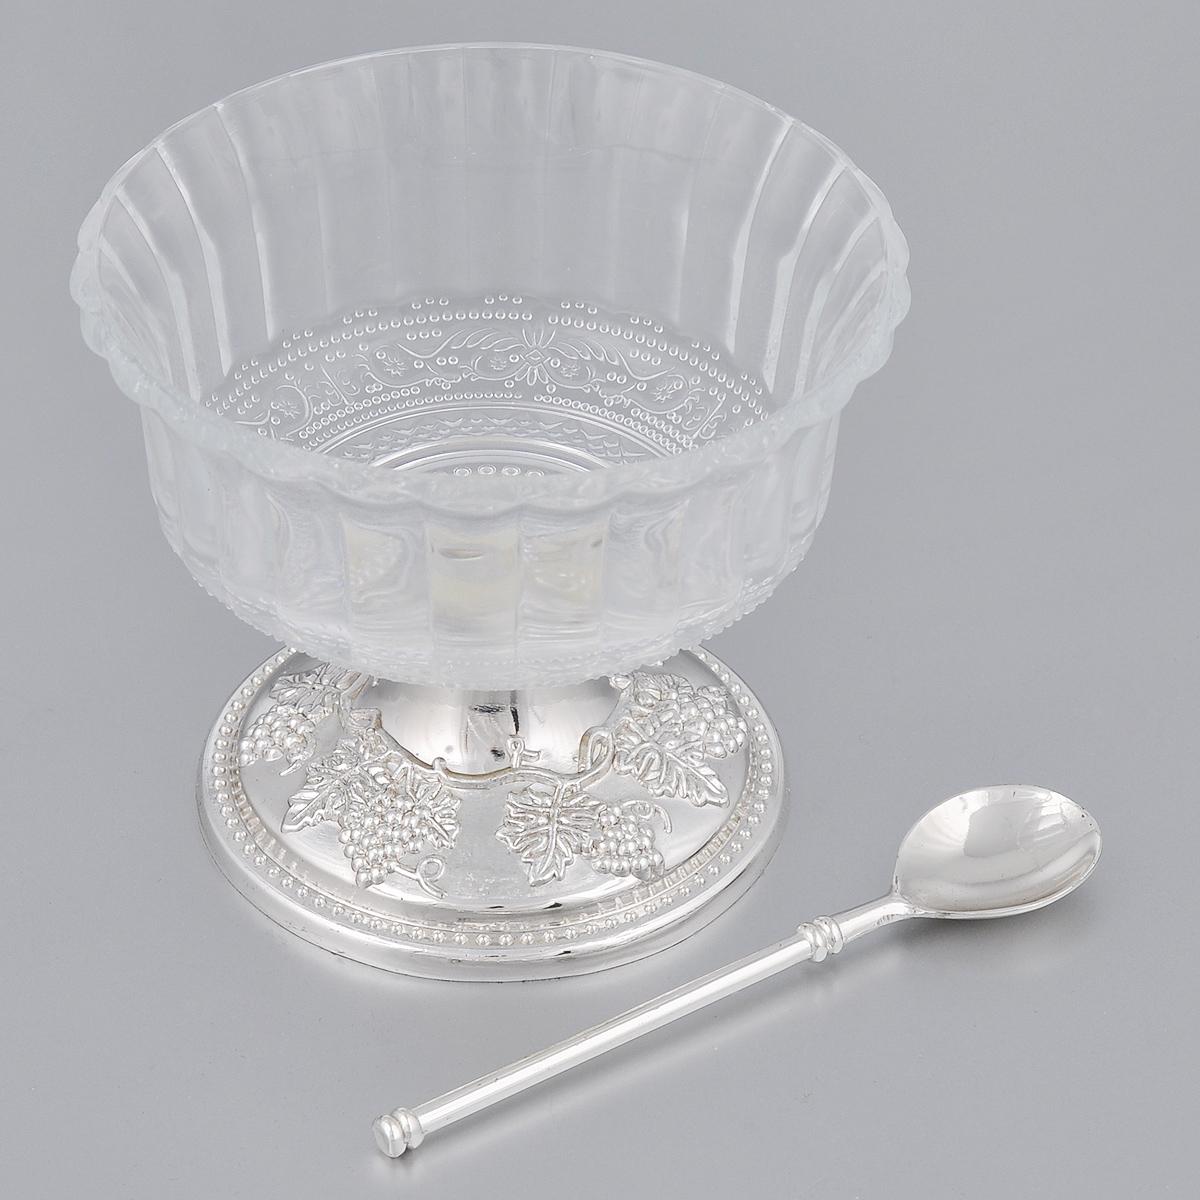 Креманка Marquis, с ложечкой. 1027-MR1027-MRВеликолепная креманка Marquis сочетает в себе изысканный дизайн с максимальной функциональностью. Креманка изготовлена из фигурного стекла. Она устанавливается на оригинальную подставку, выполненную из металла с серебряно-никелевым покрытием. Подставка богато декорирована изображением виноградных гроздей и тонко выполненными деталями в виде стилизованных растений. На дне основания бархатистая ткань для предотвращения скольжения. В комплект входит ложечка. Такая креманка может стать отличным подарком к любому празднику. Она придется по вкусу и ценителям классики, и тем, кто предпочитает утонченность и изысканность. Диаметр по верхнему краю: 11 см. Диаметр основания: 8,5 см. Высота креманки: 9,2 см. Длина ложечки: 11,8 см.